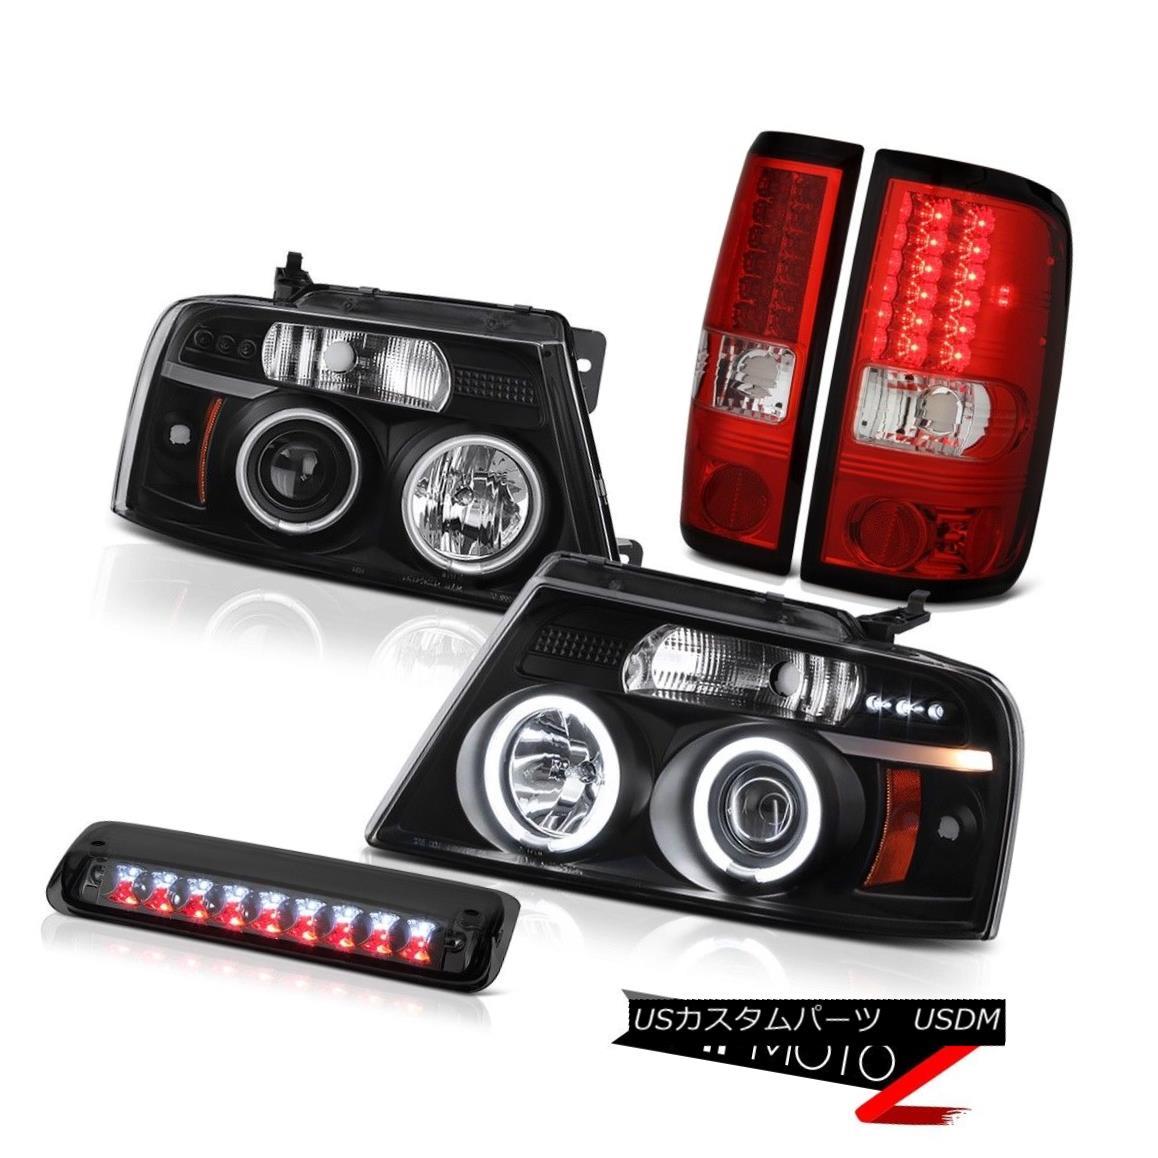 テールライト 2004-2008 Ford F150 FX4 Roof Cargo Light Headlights Wine Red Taillamps LED SMD 2004-2008フォードF150 FX4ルーフカーゴライトヘッドライトワインレッドタイルランプLED SMD